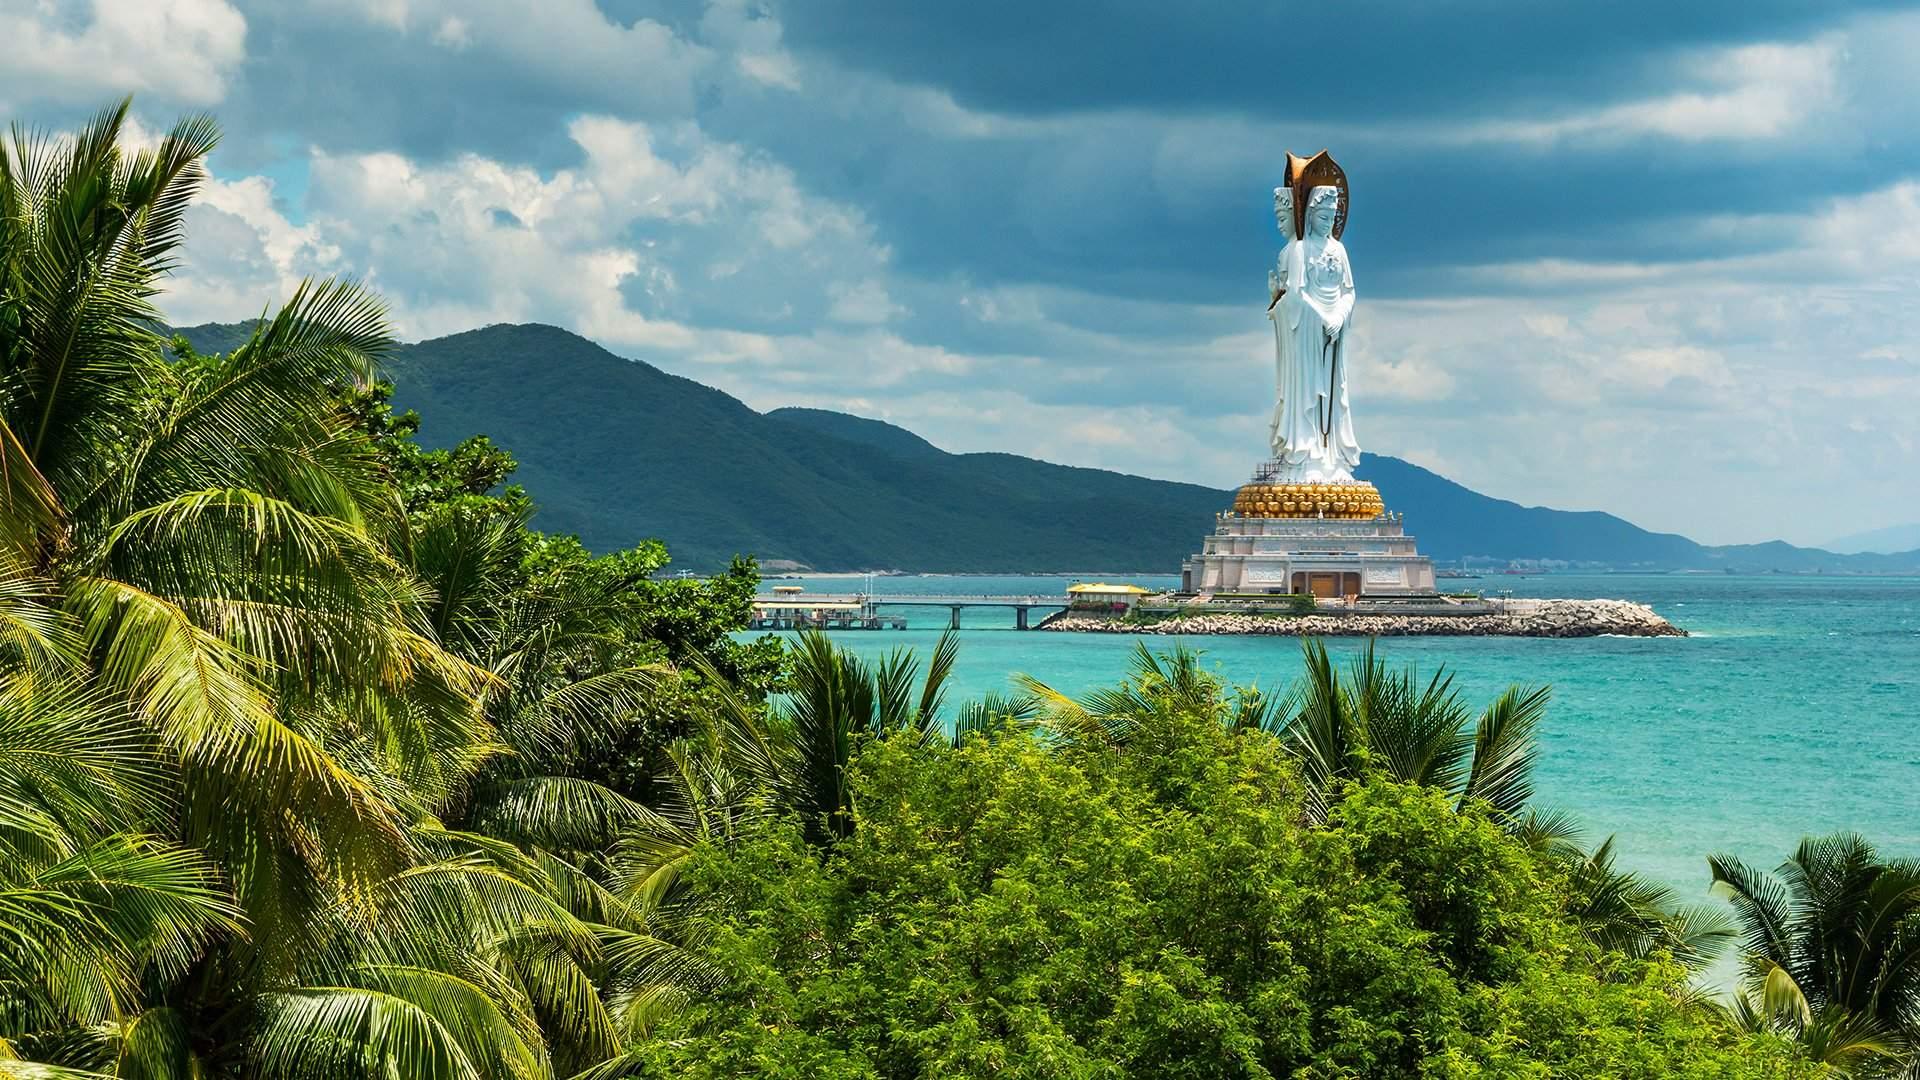 картинка фотография курорта Хайнань в Китае